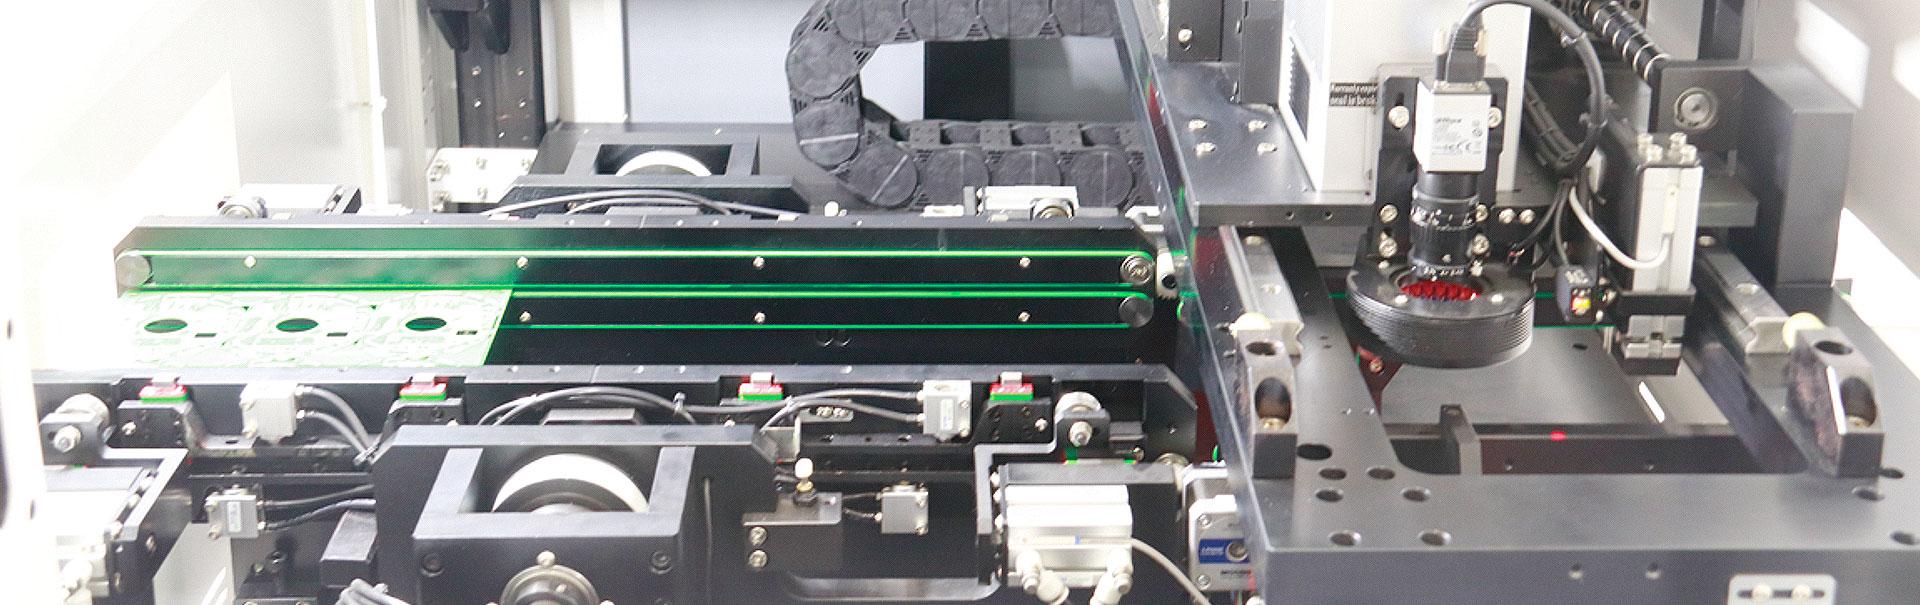 威斯迈激光打标机-创新型的研发技术